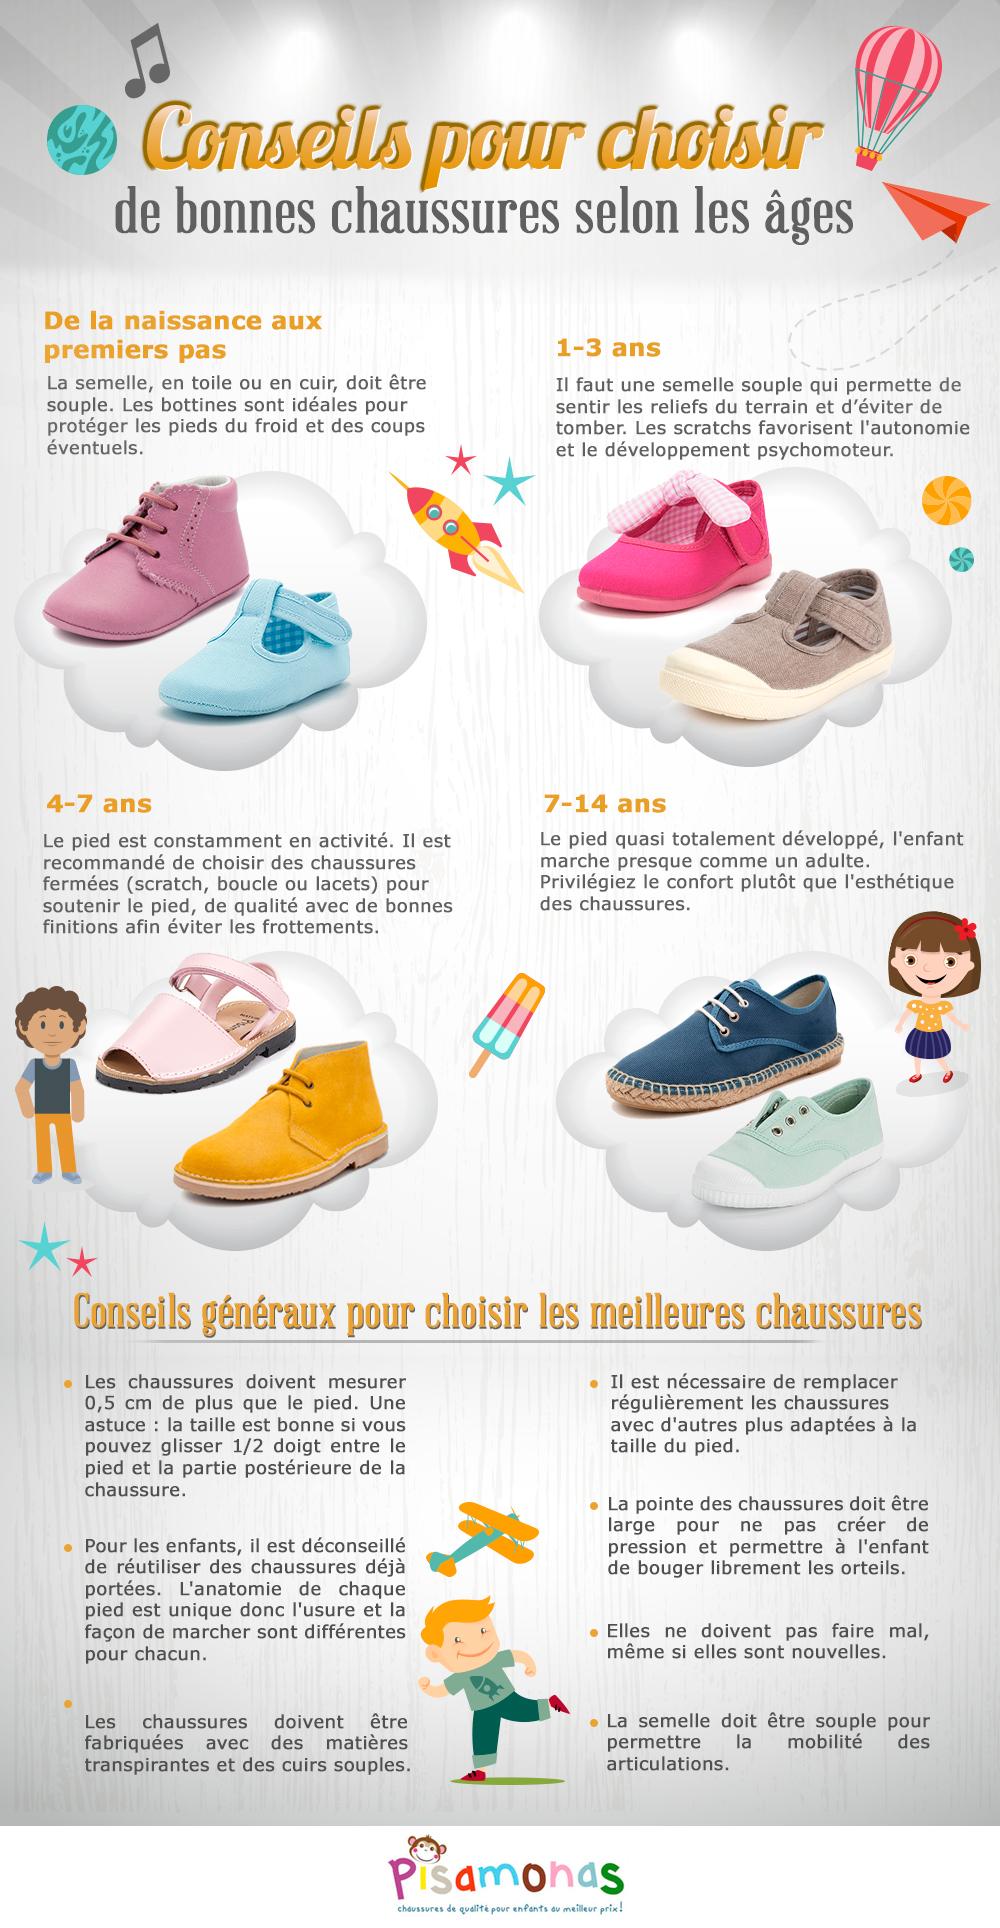 Conseils pour choisir de bonnes chaussures